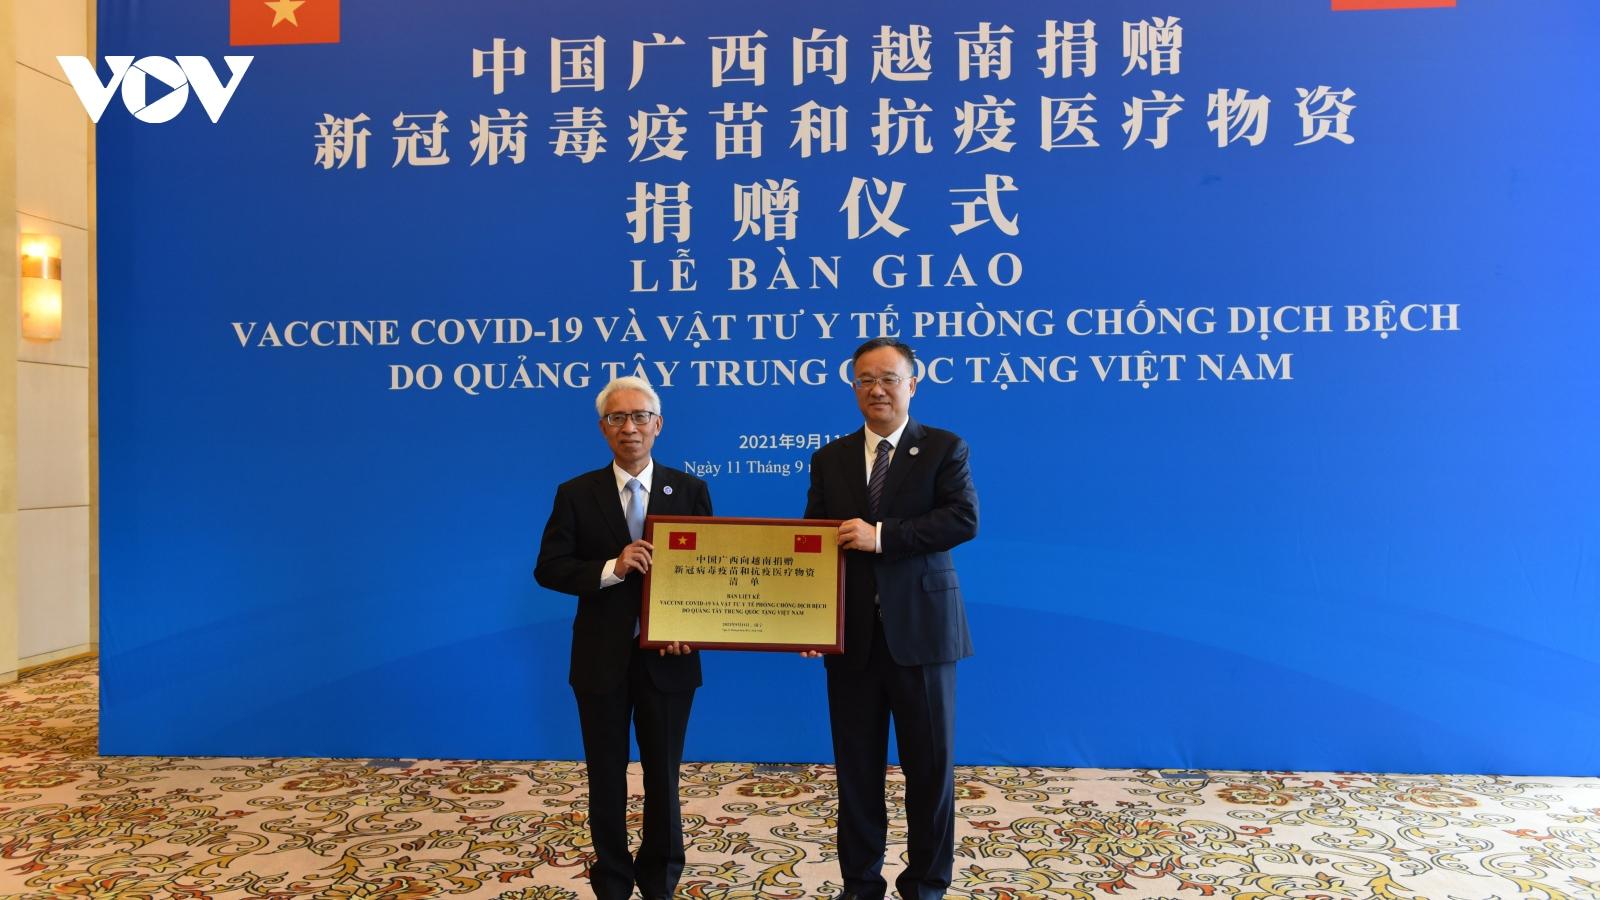 Quảng Tây (Trung Quốc) trao tặng 800.000 liều vaccine và thiết bị y tế phòng Covid-19